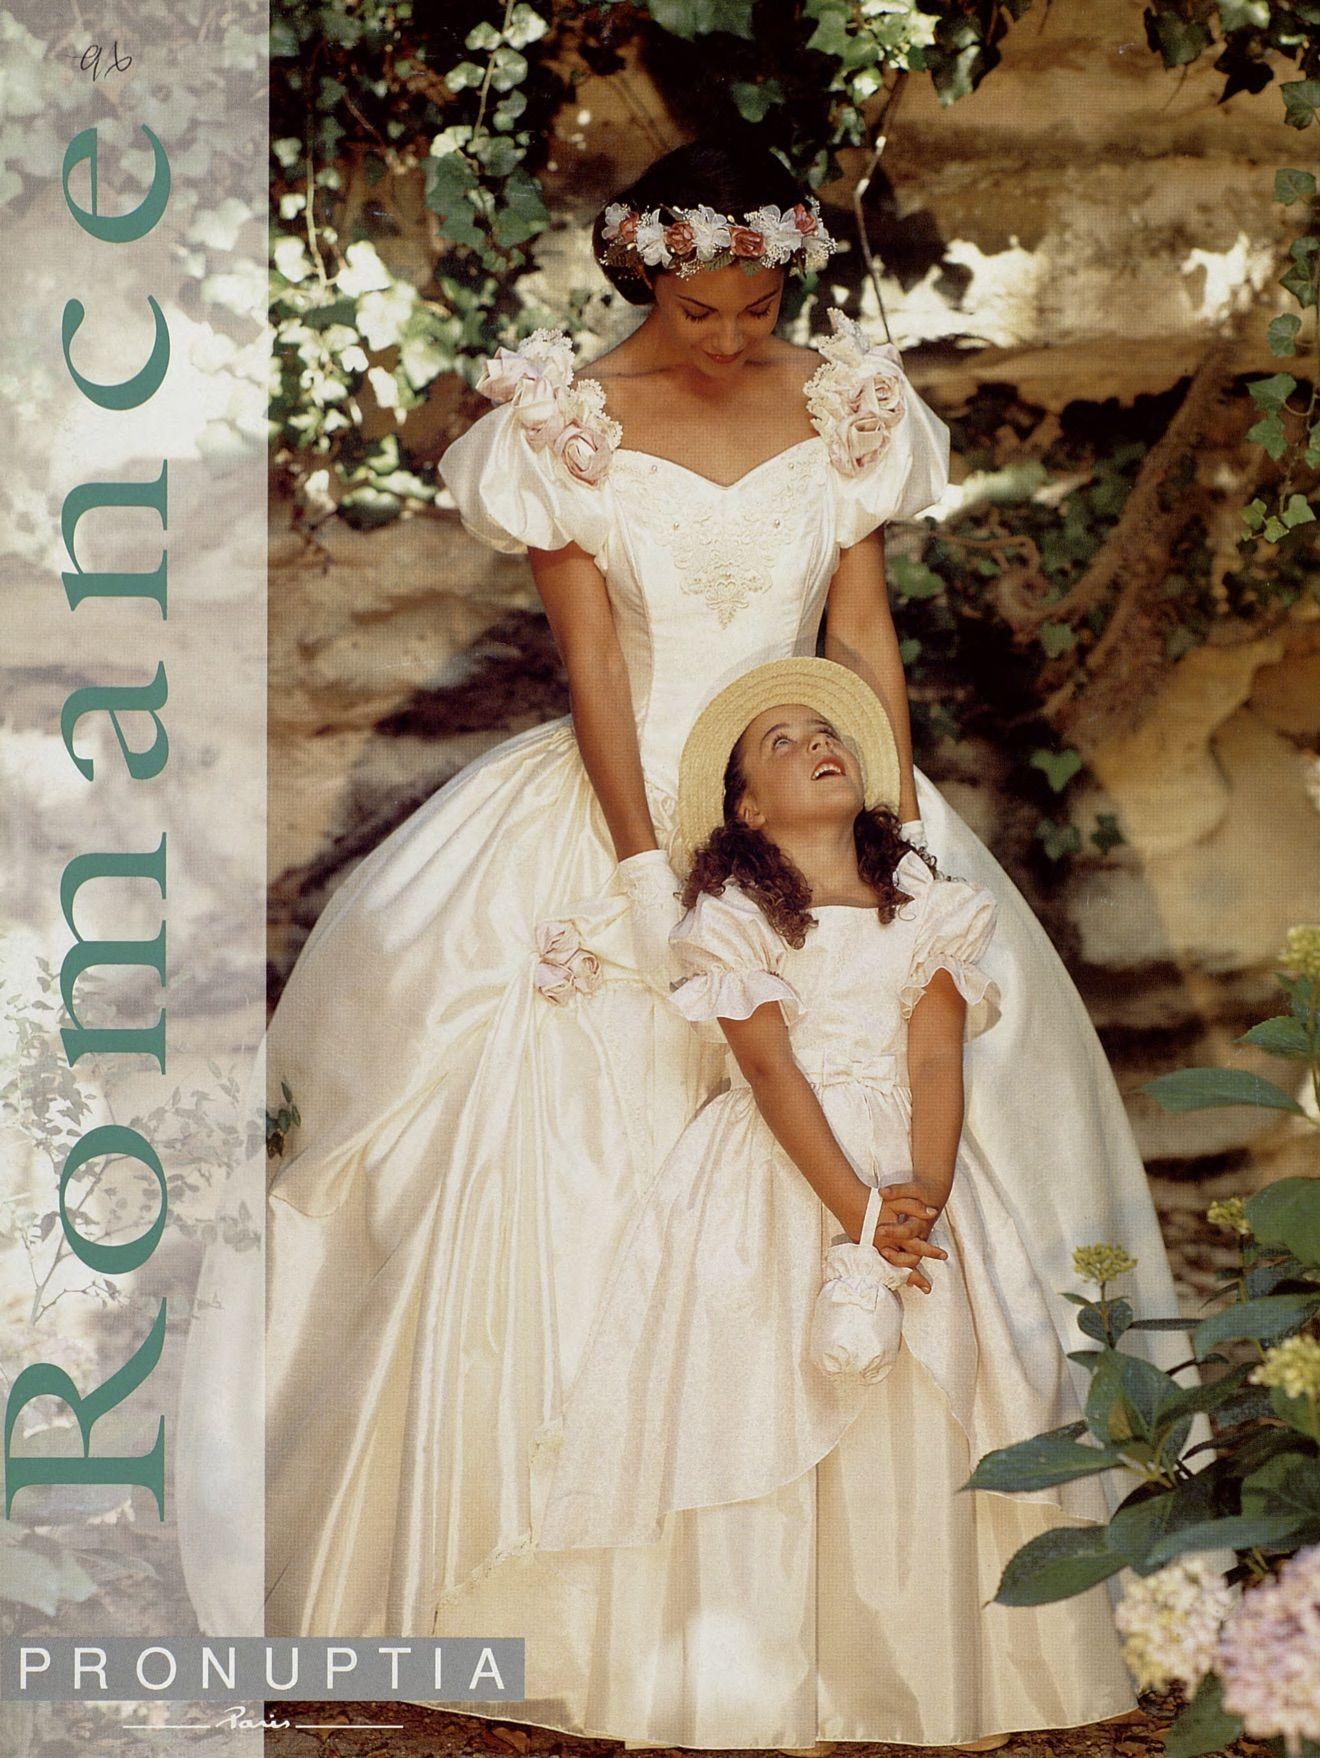 Pin von Weiwei Scintilla auf Brautkleider | Pinterest | Brautkleider